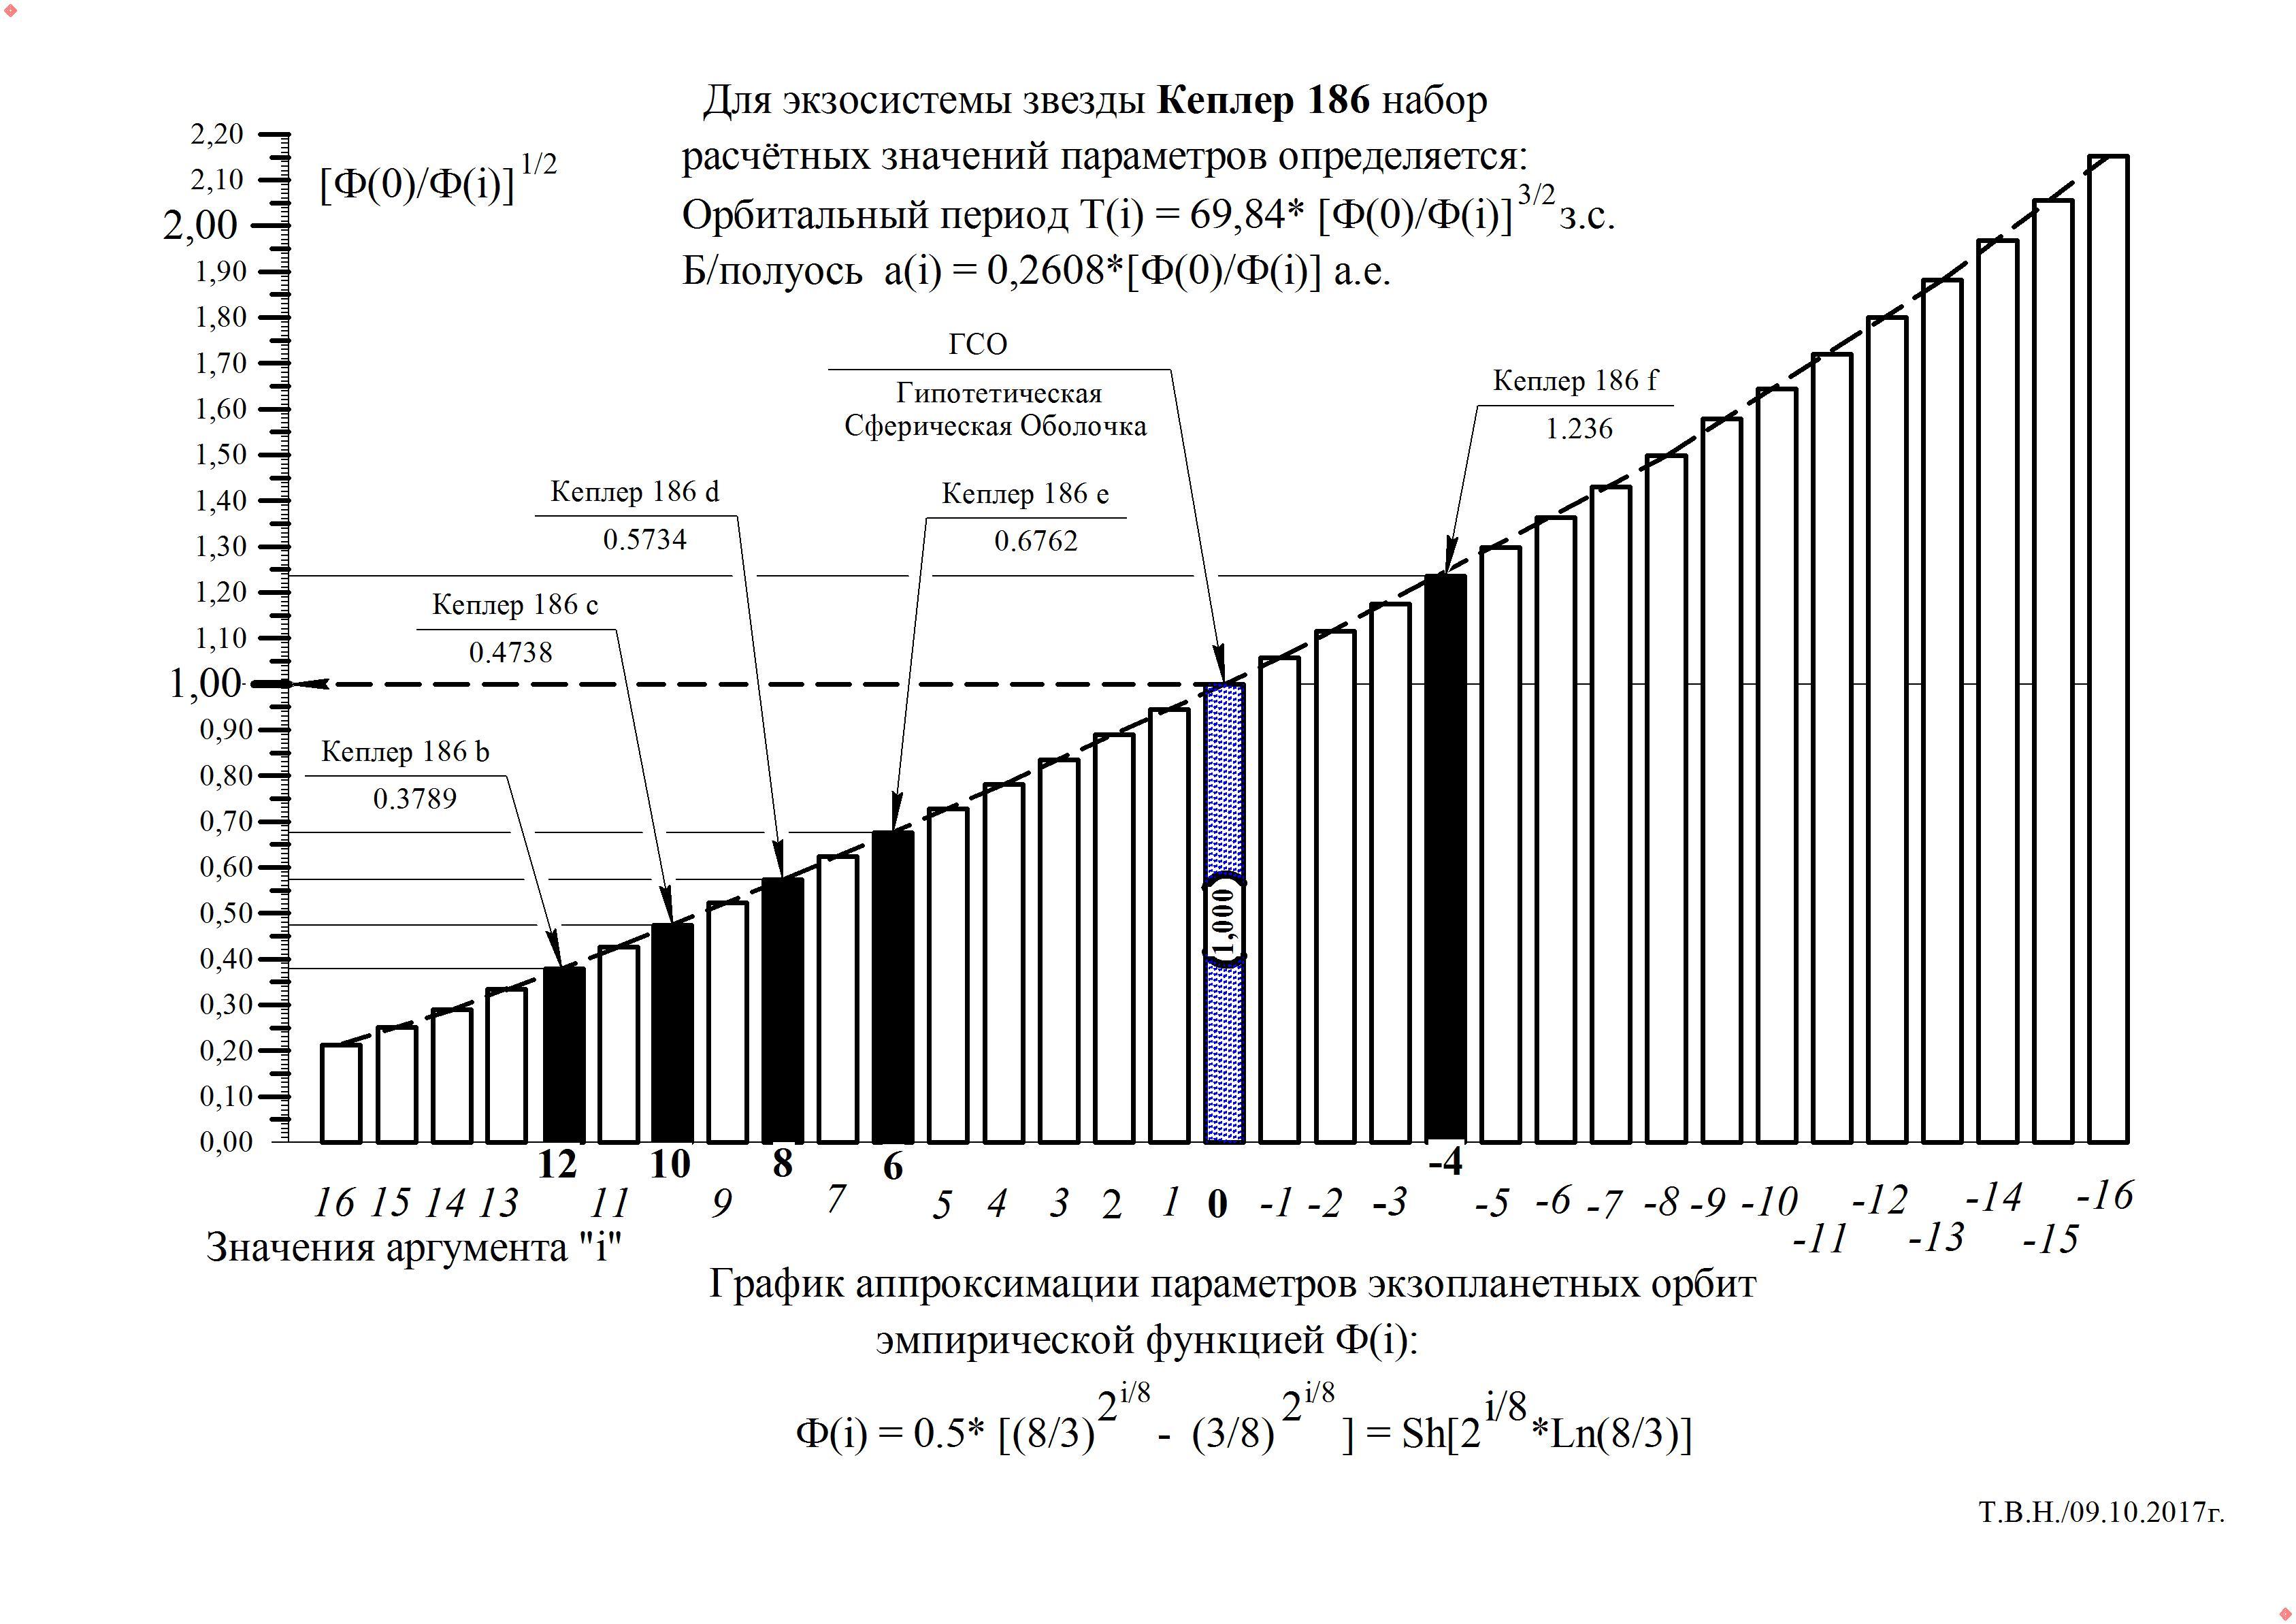 Кеплер 186.jpg